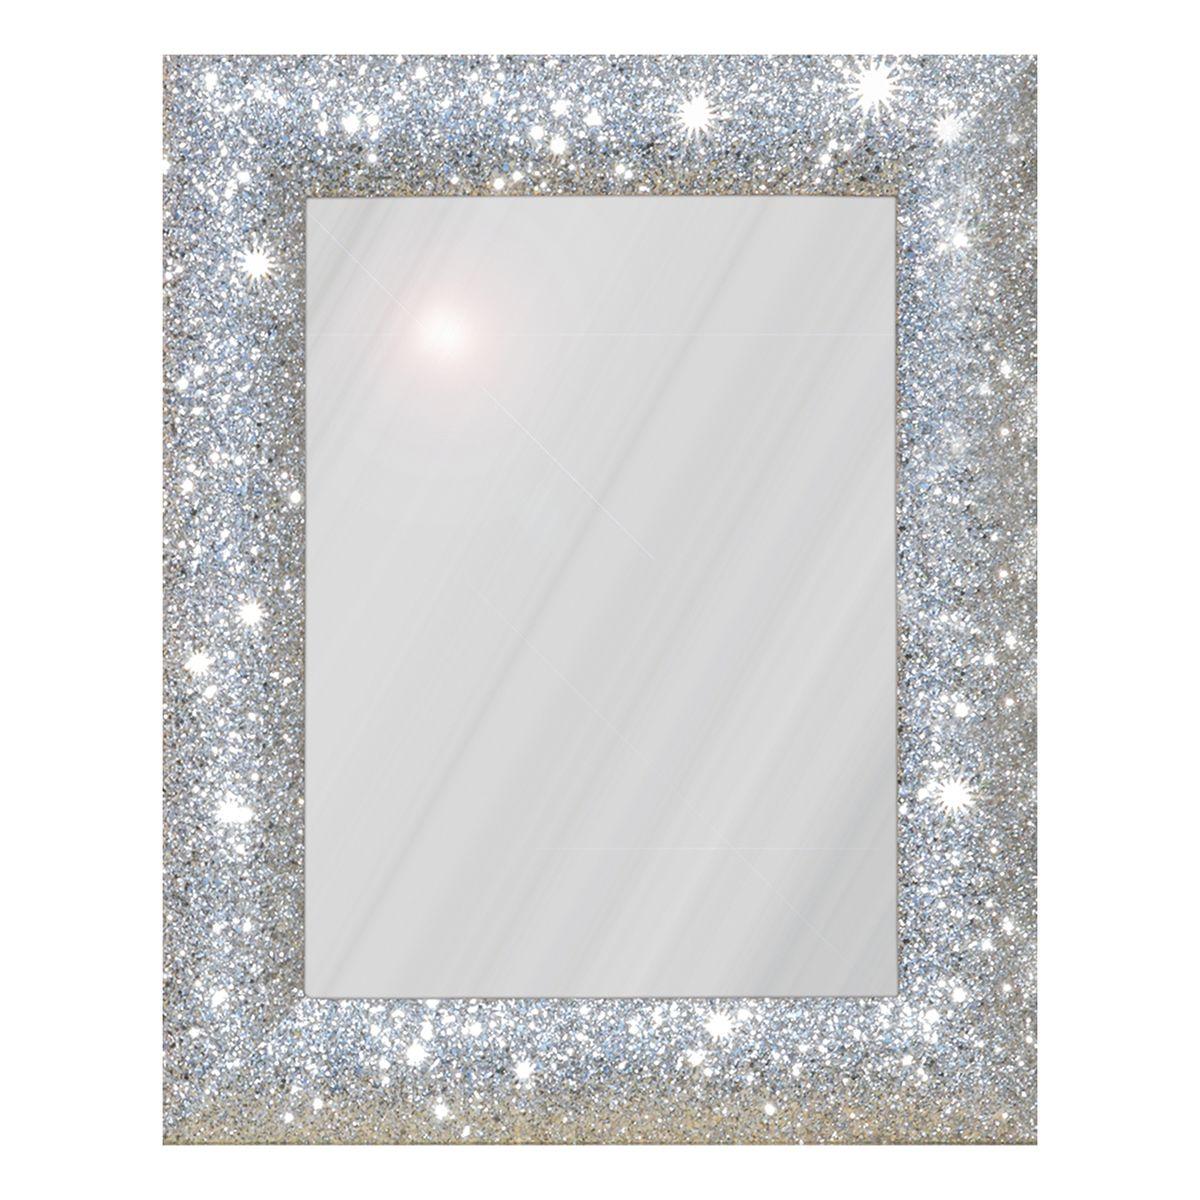 Specchi leroy merlin specchio onda x cm prezzi e offerte online con leroy merlin specchi - Specchi da parete leroy merlin ...